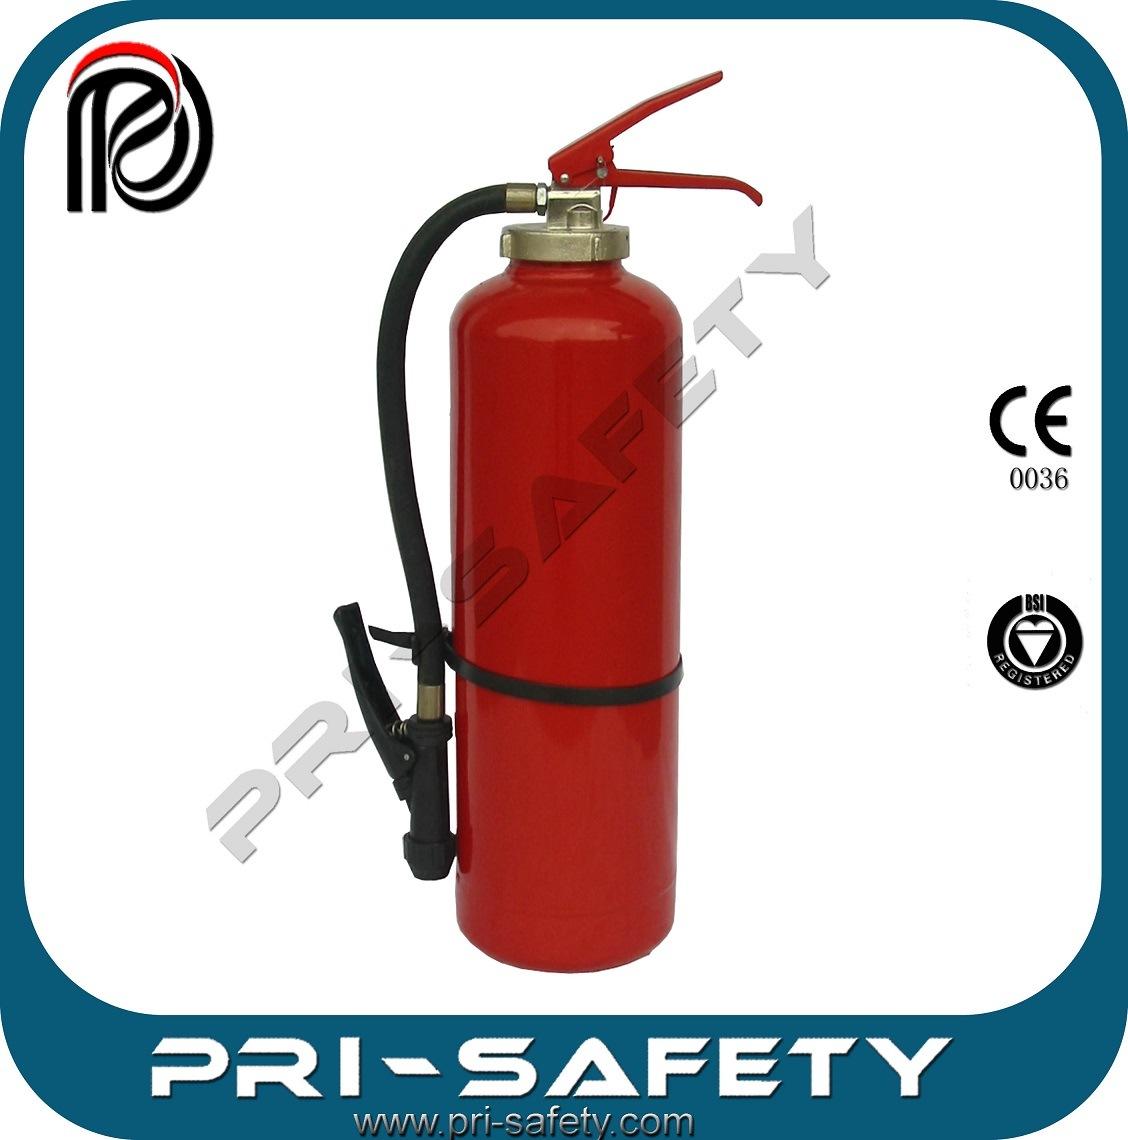 New - About Fire Hose Reel System   bunda-daffa.com